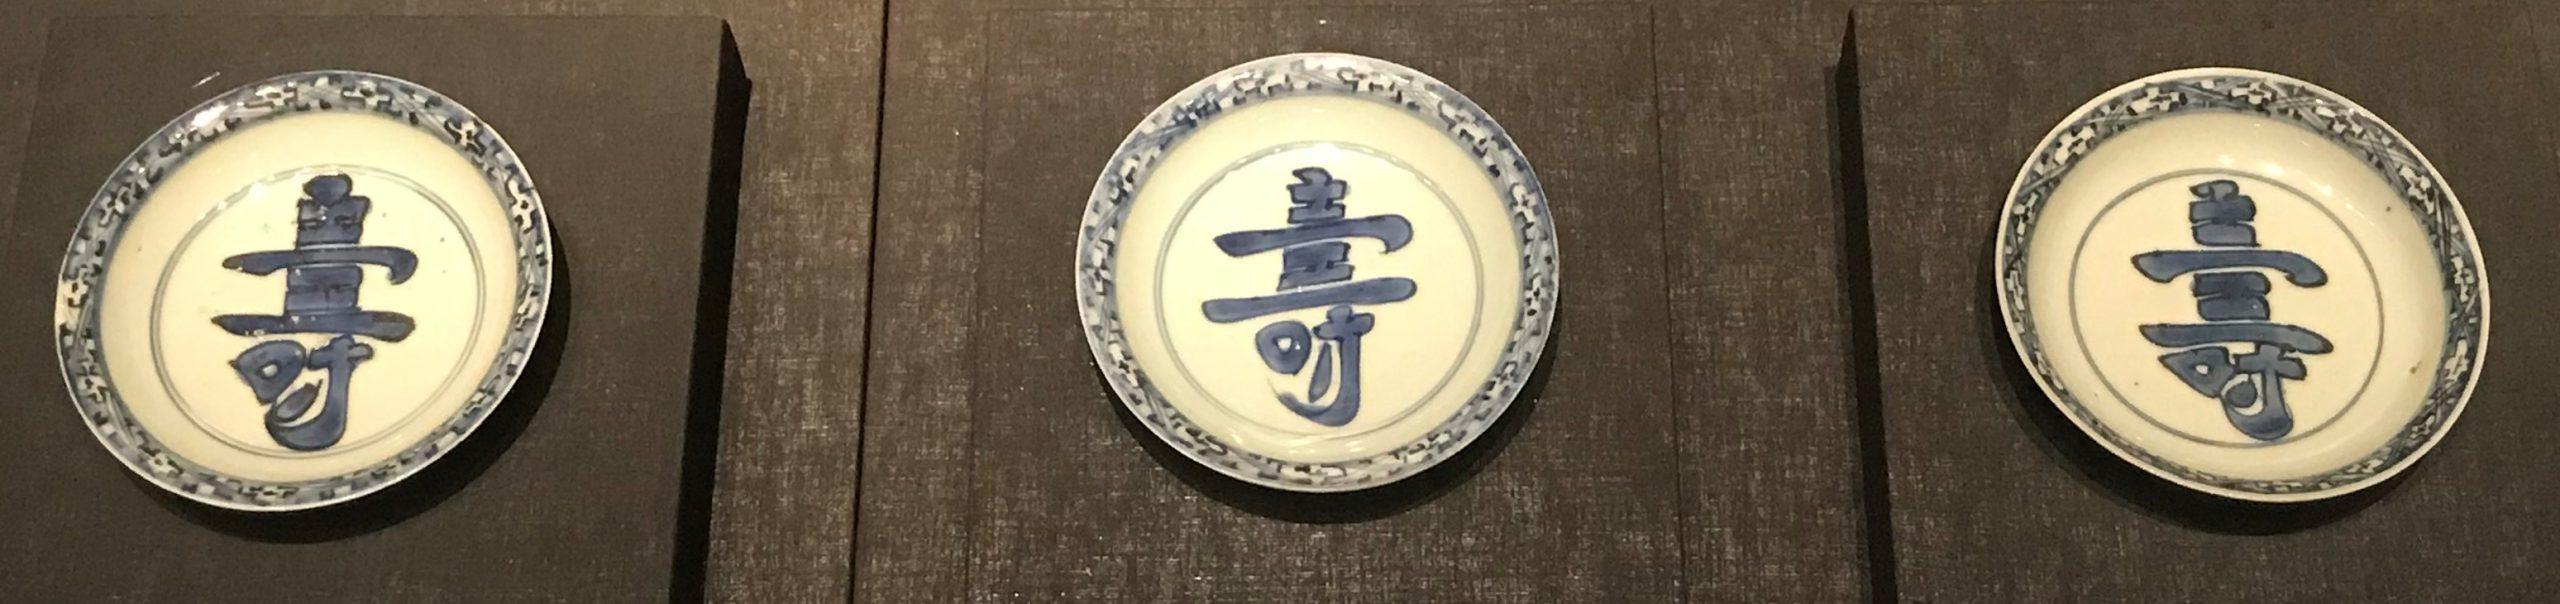 青花寿字紋磁盤-明清時代-常設展F3-成都博物館